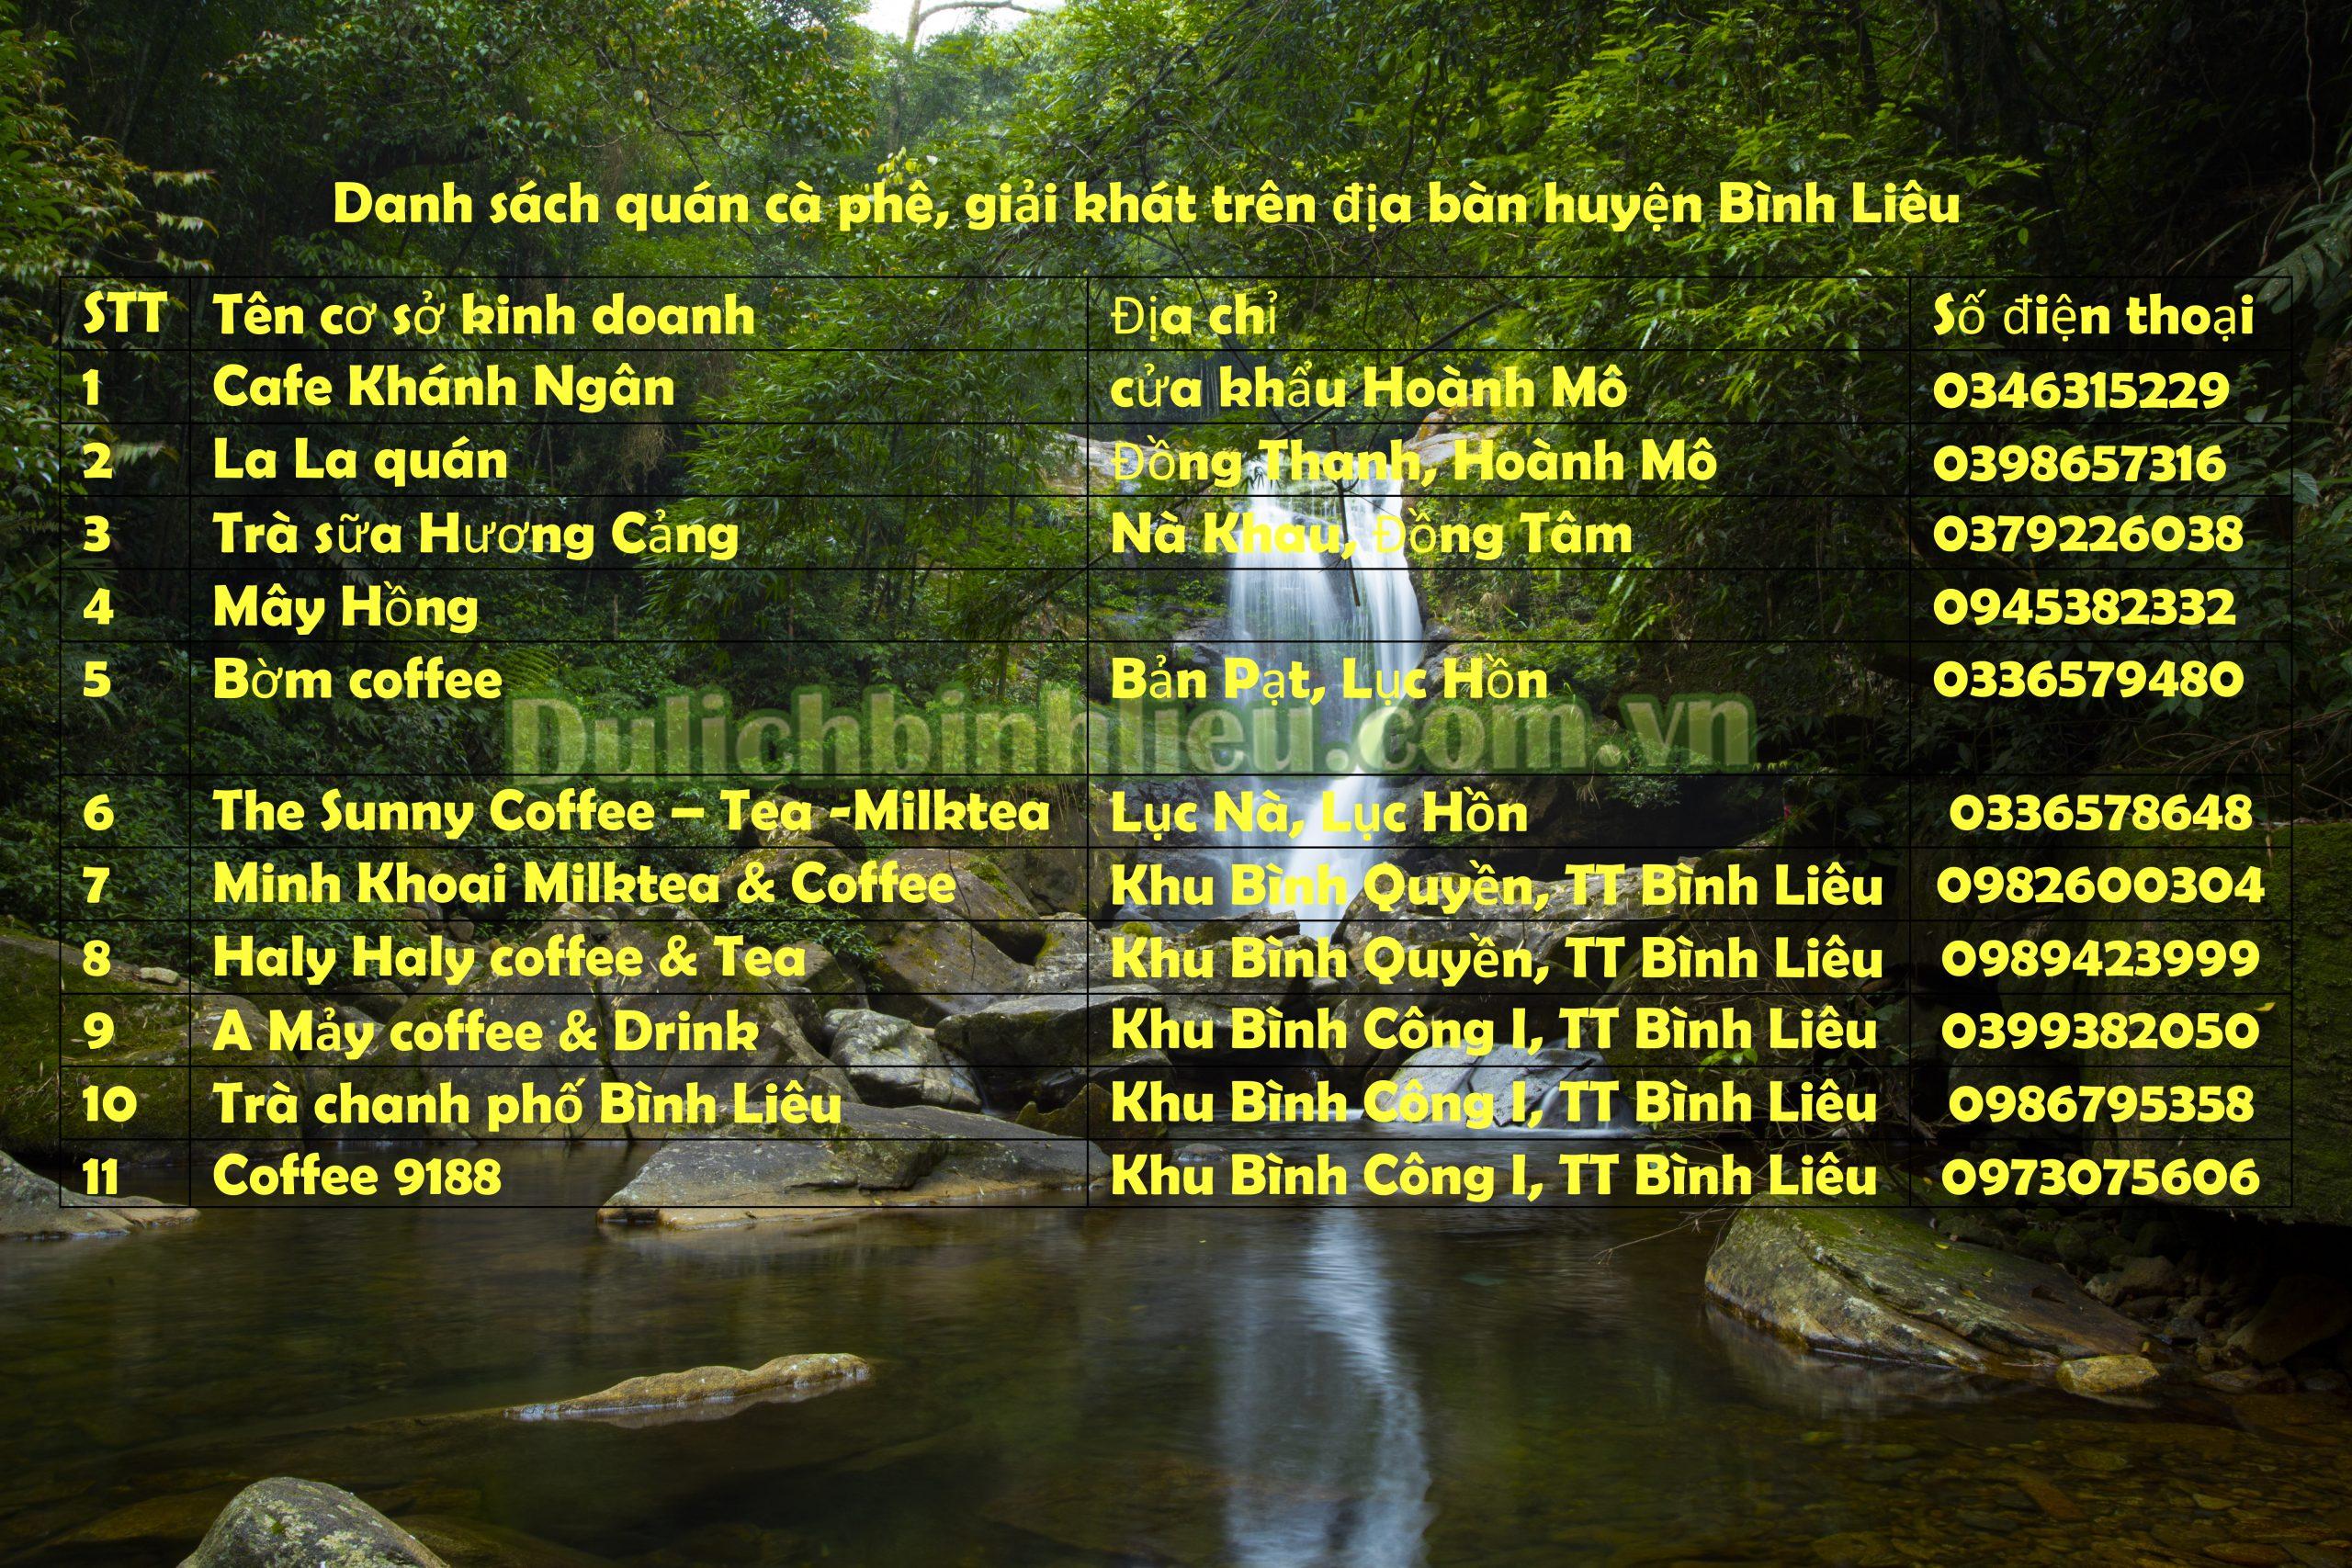 Danh sách quán cà phê, giải khát trên địa bàn huyện Bình Liêu